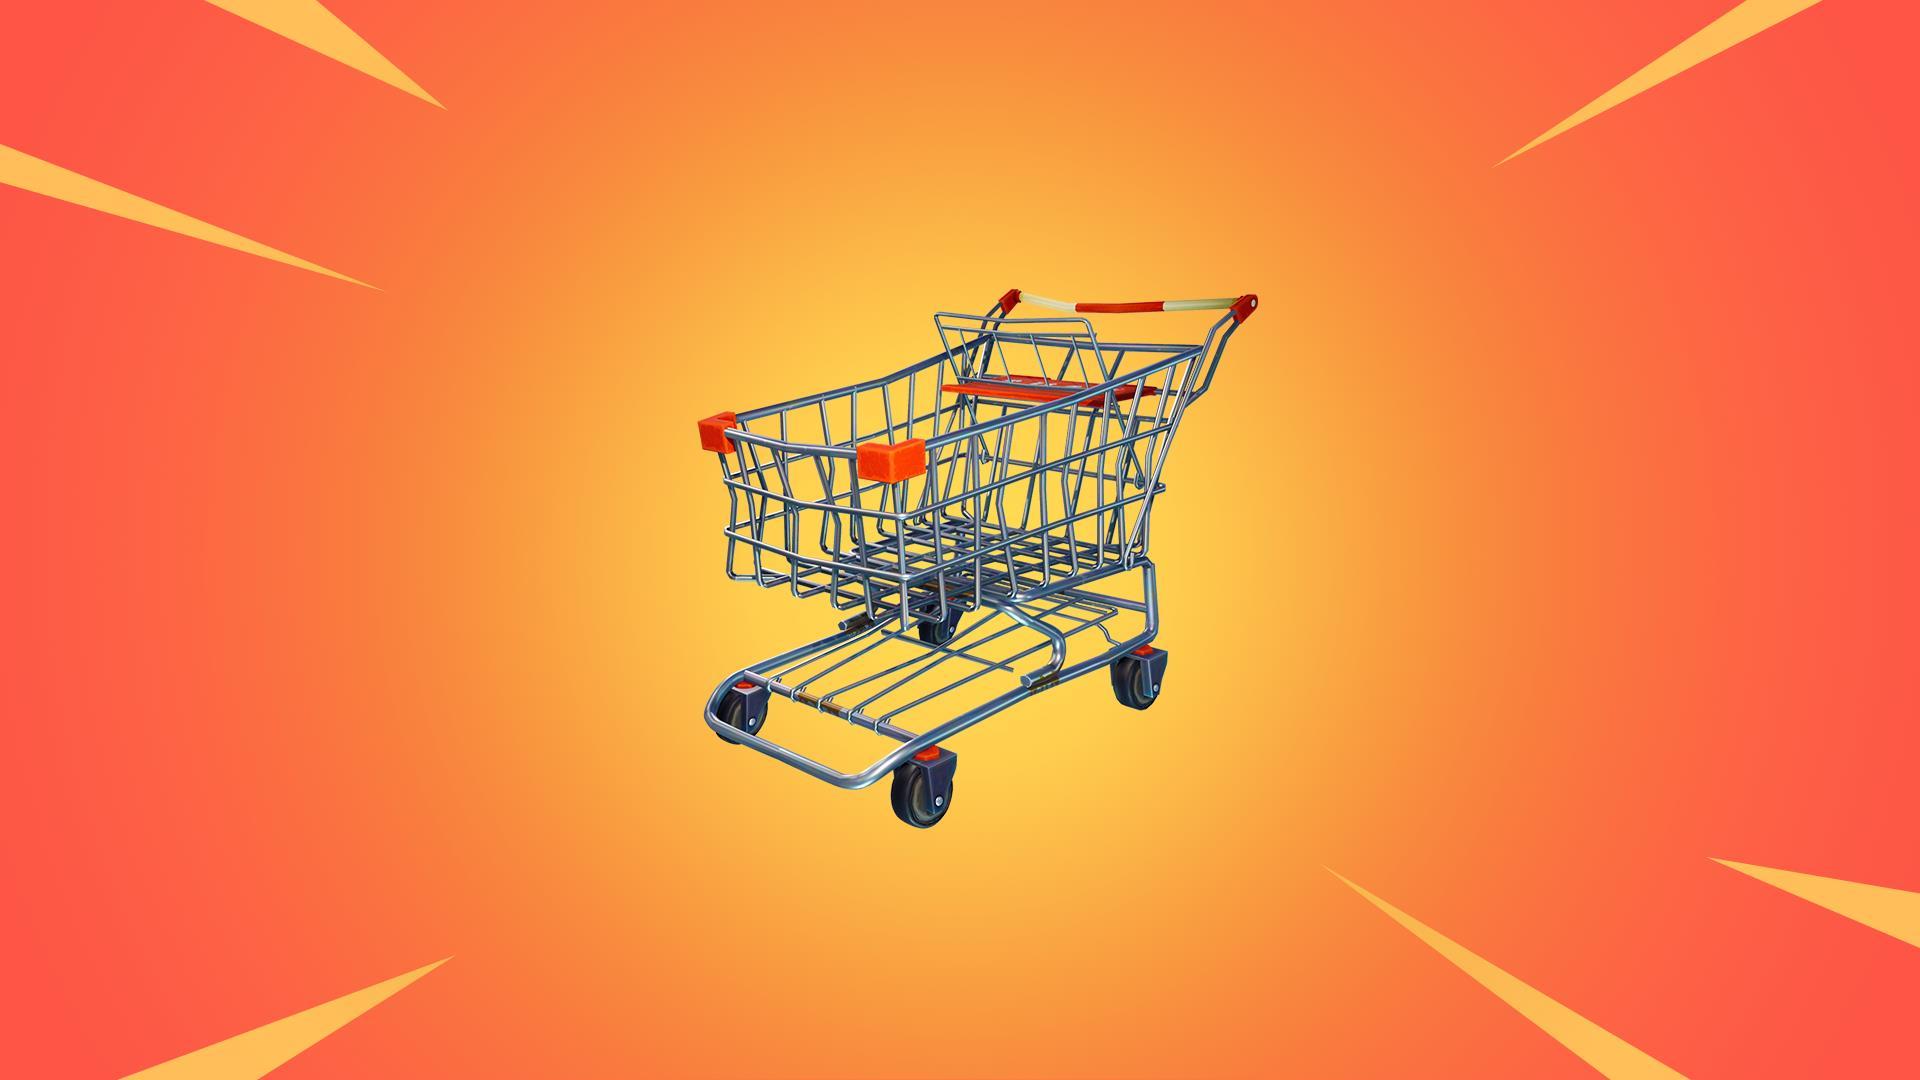 Fortnite Update 4.3 telah Dirilis: Inilah Skin Baru, Shopping Cart dan Beberapa Fitur Lainnya